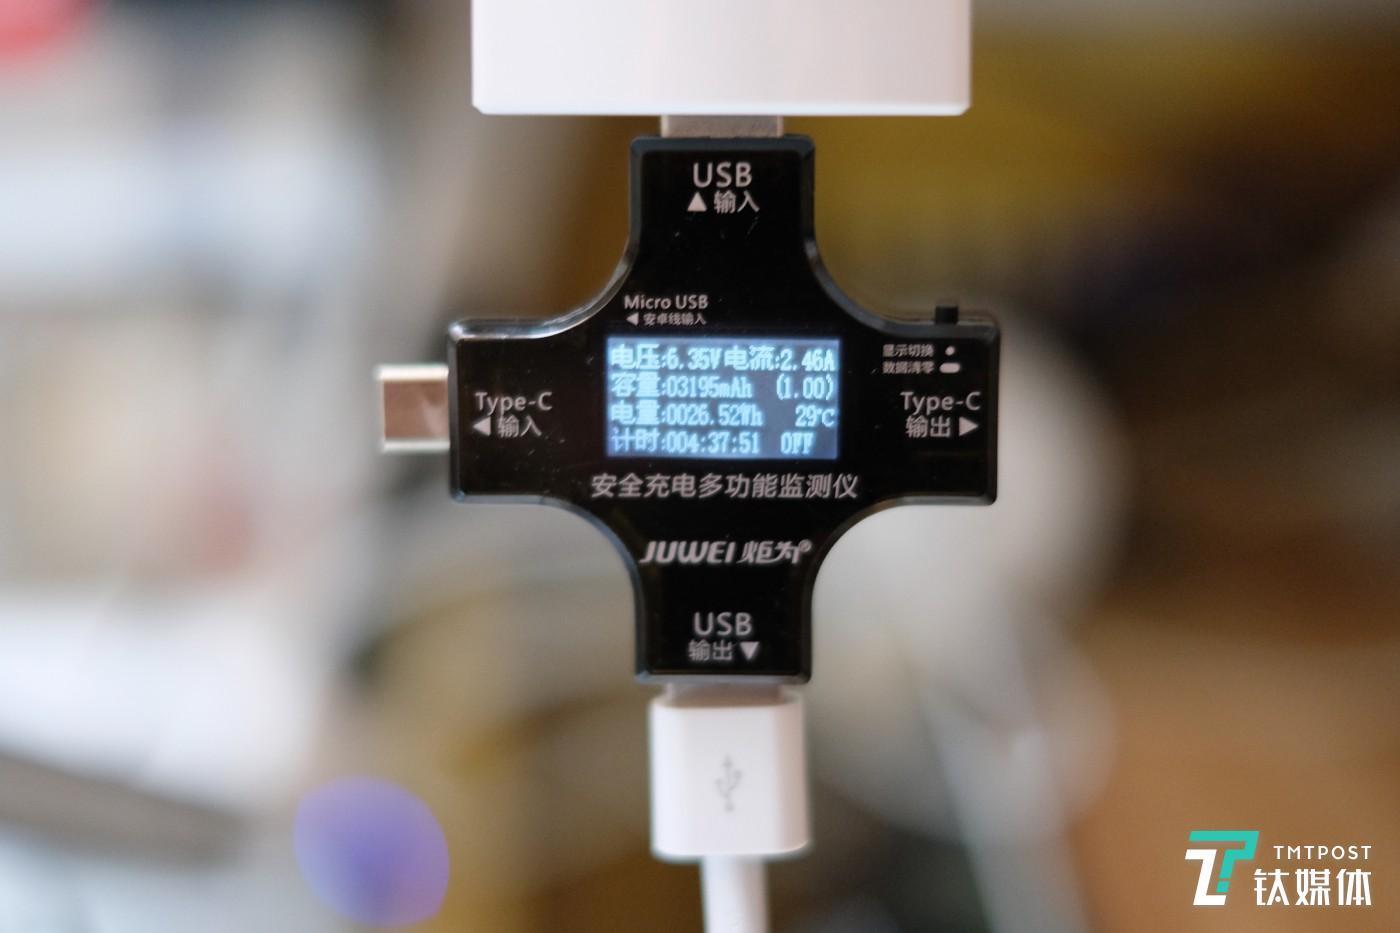 美图手机 T9 附赠 18W 快速充电器,实际充电功率在 16-17W 左右,从零到满电耗时约为 80 分钟左右